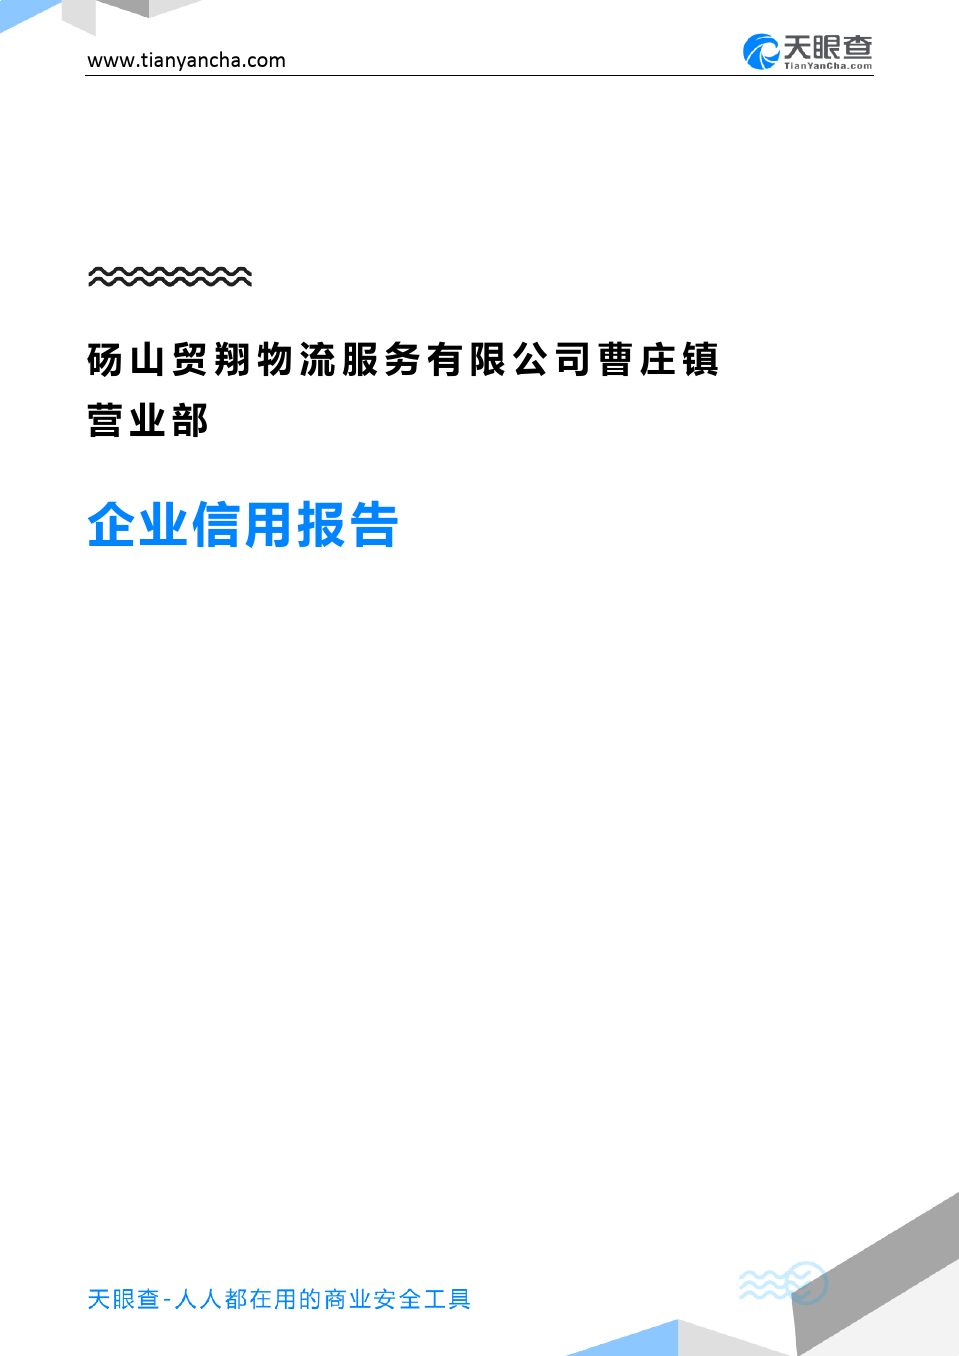 砀山贸翔物流服务有限公司曹庄镇营业部企业信用报告-天眼查